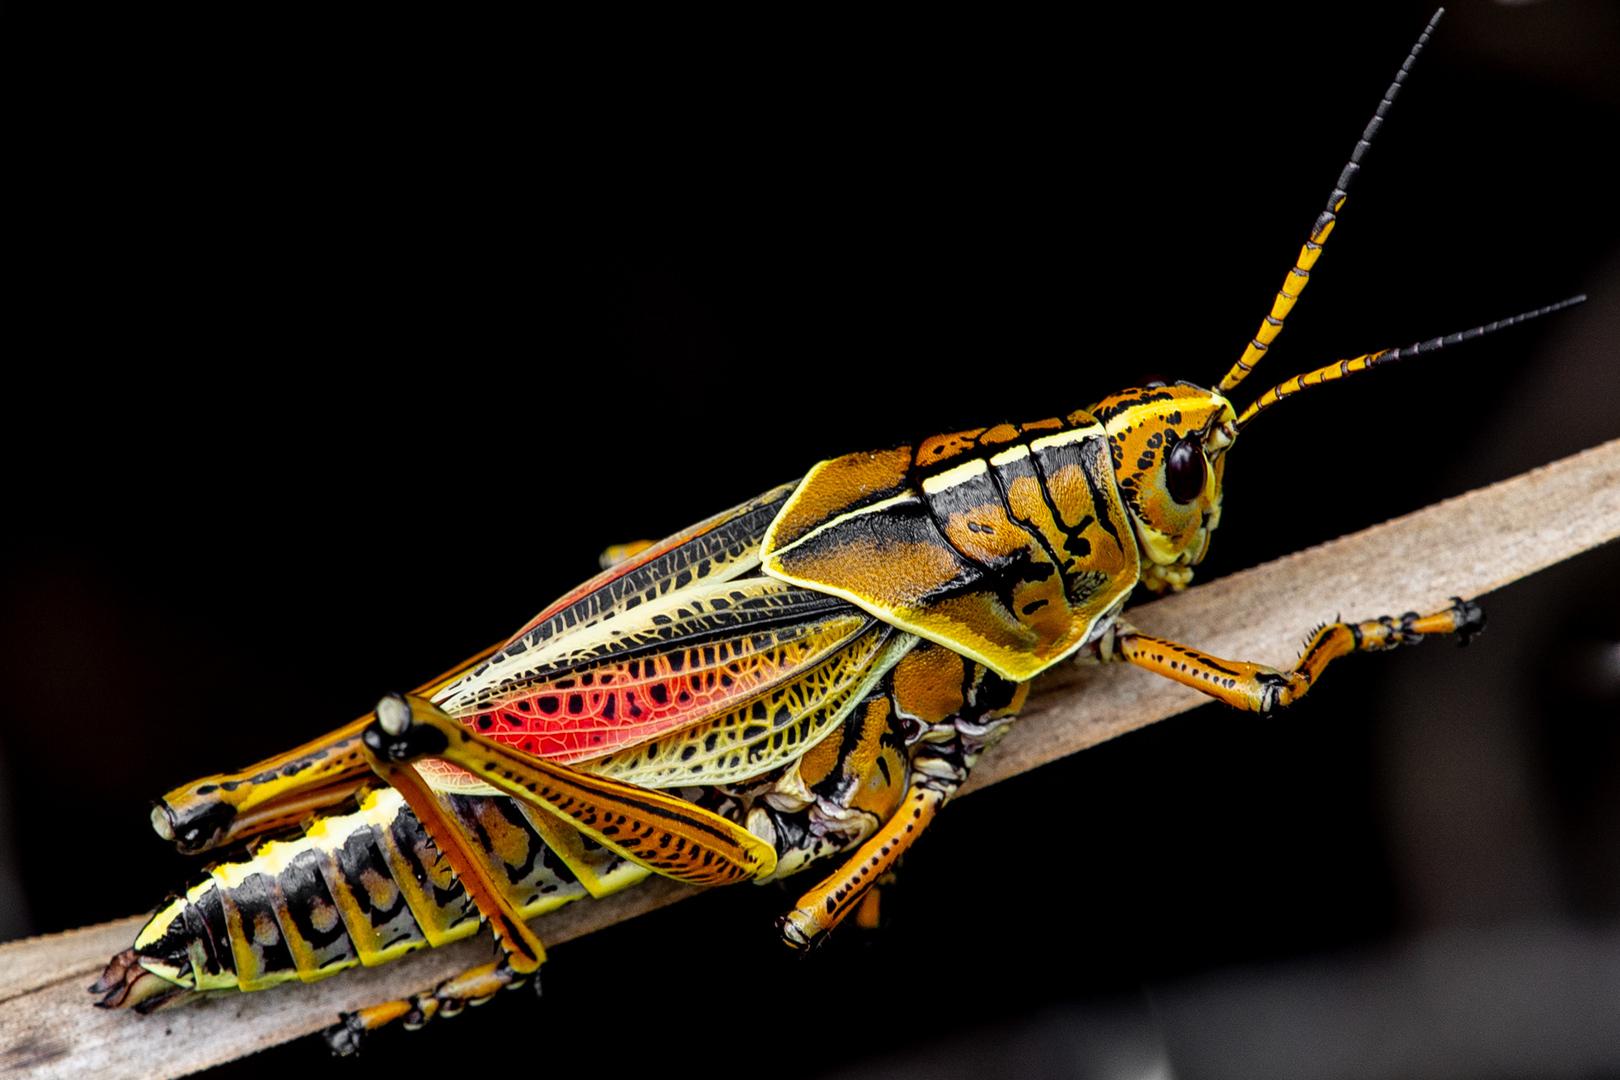 Kurzfühlerschrecke Romalea microptera